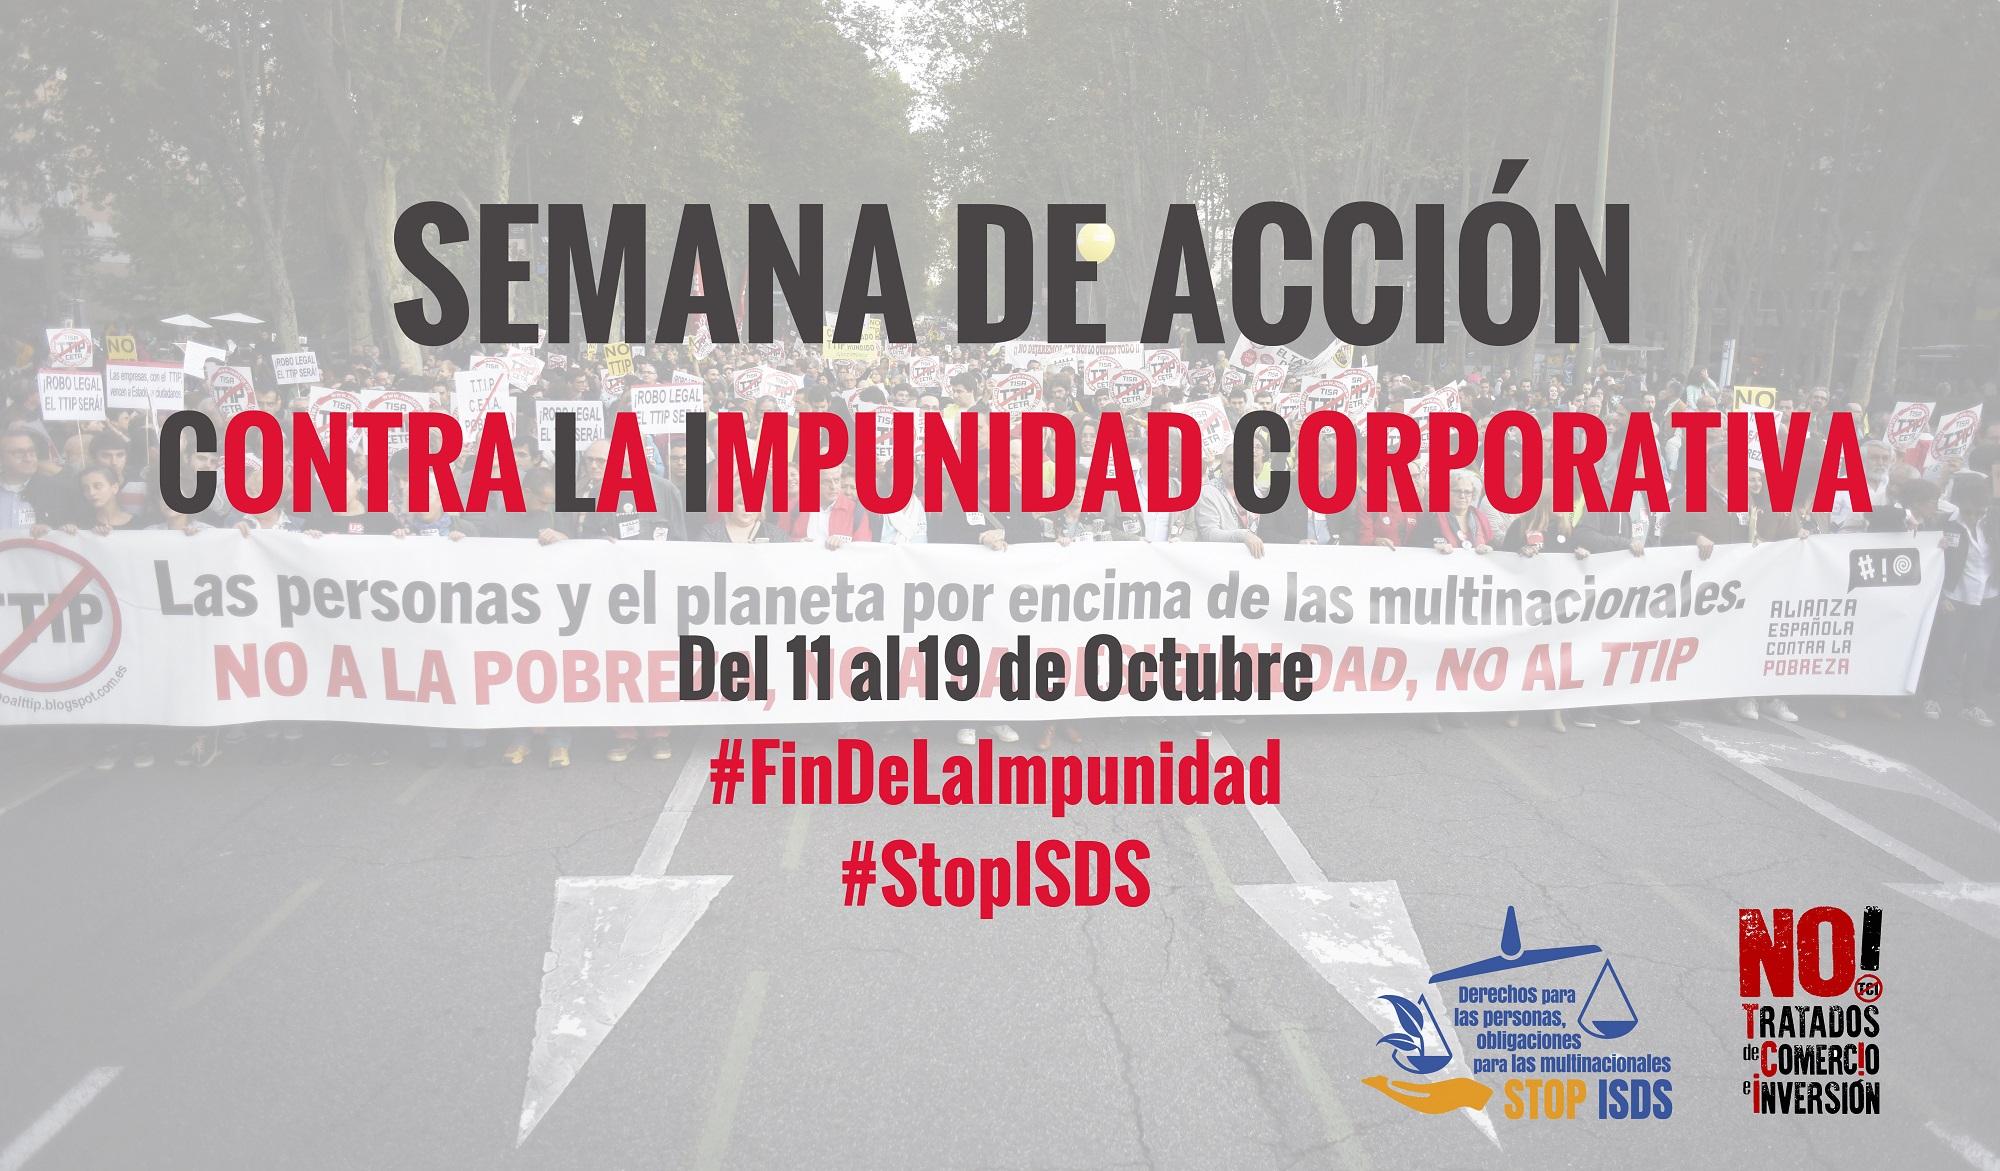 Resultado de imagen de Semana de Acción contra la Impunidad Corporativa